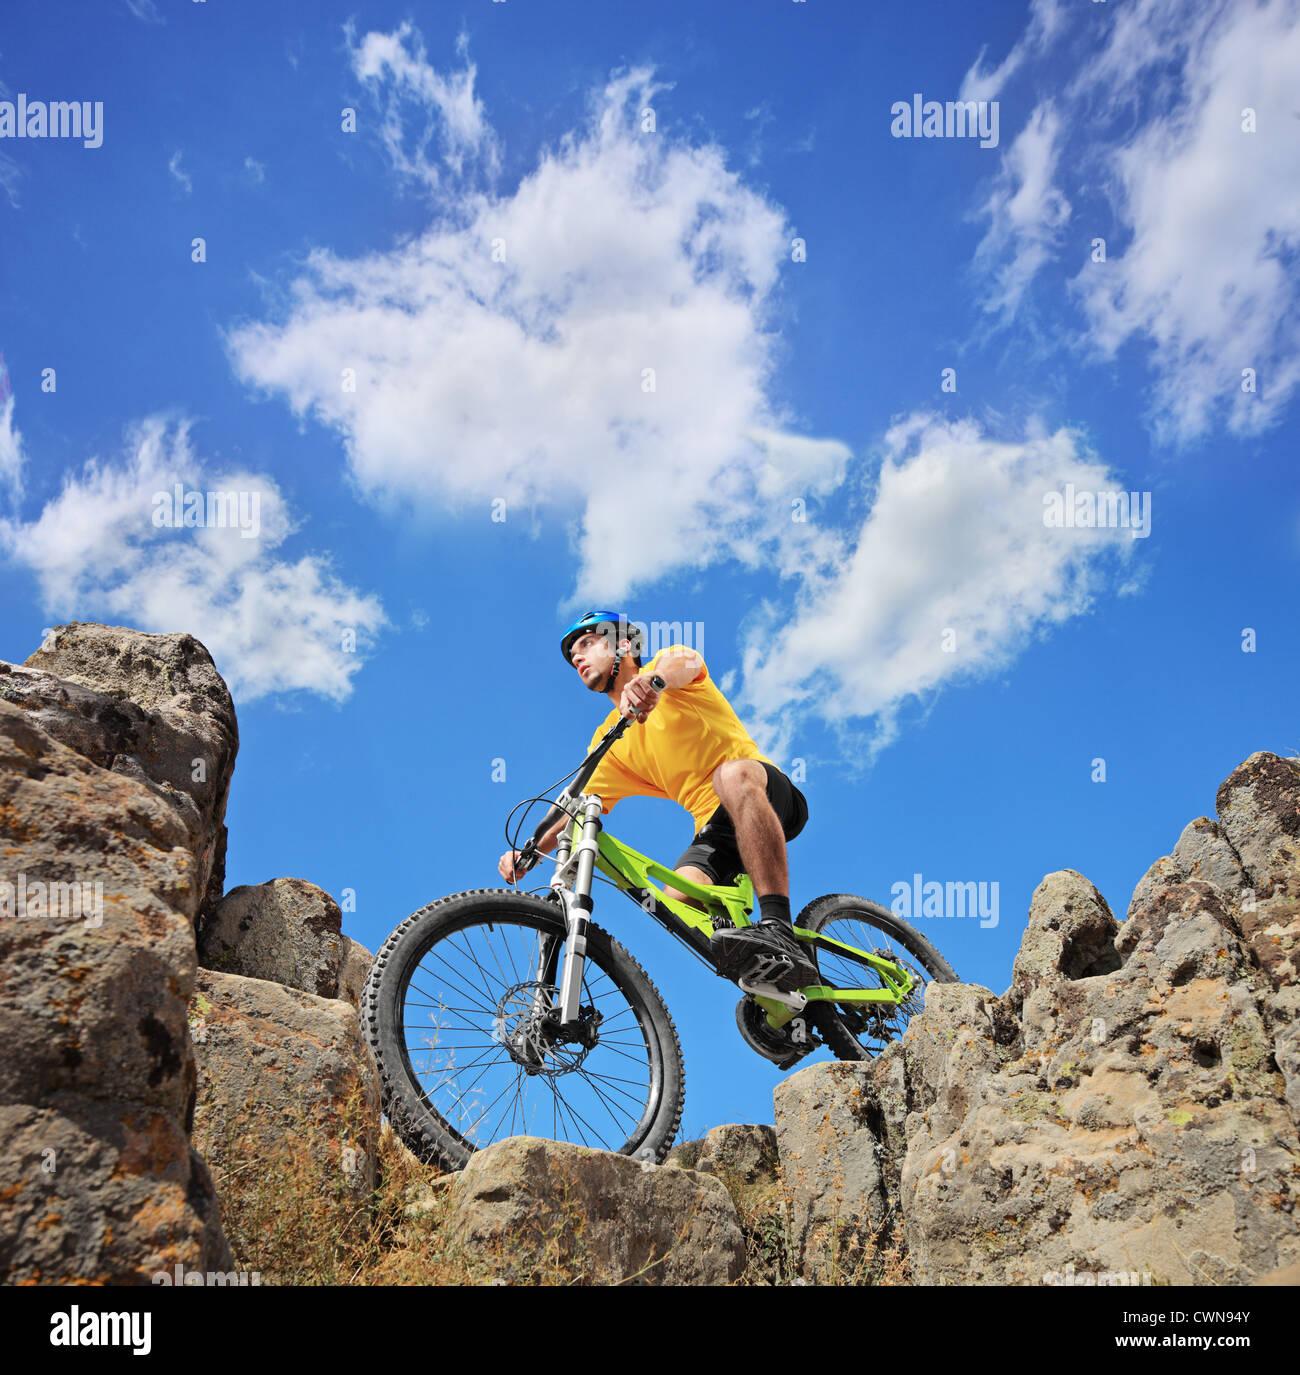 Eine Person auf einem Mountainbike an einem sonnigen Tag, niedrigen Winkel Ansicht Stockbild